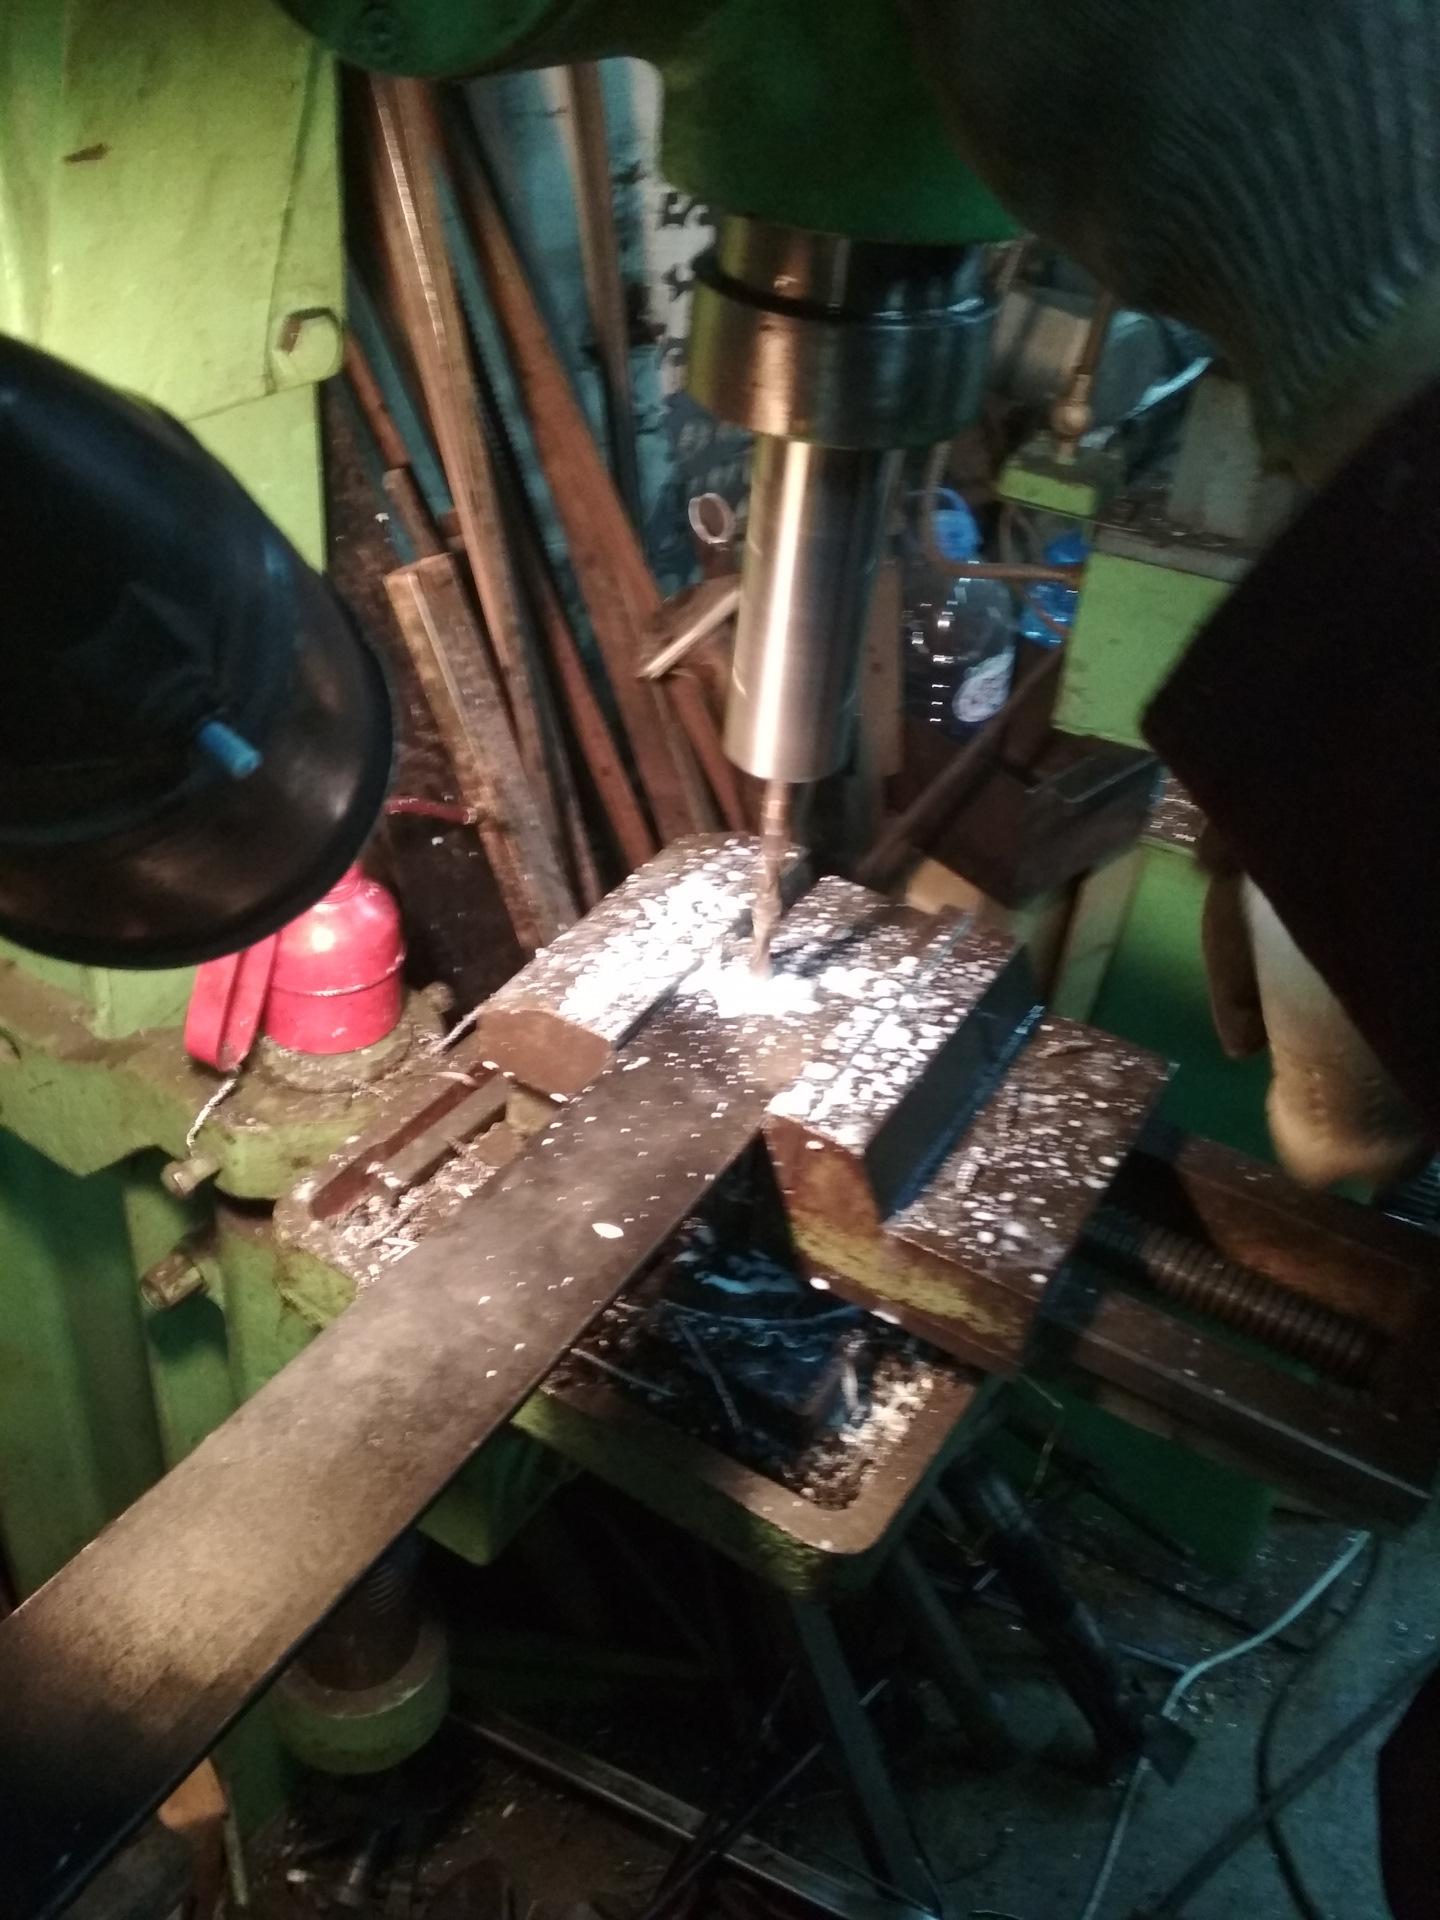 Как проделать отверстие в металле. как сделать отверстие в закаленной стали без сверления. чем сверлить отверстия в металле большого диаметра